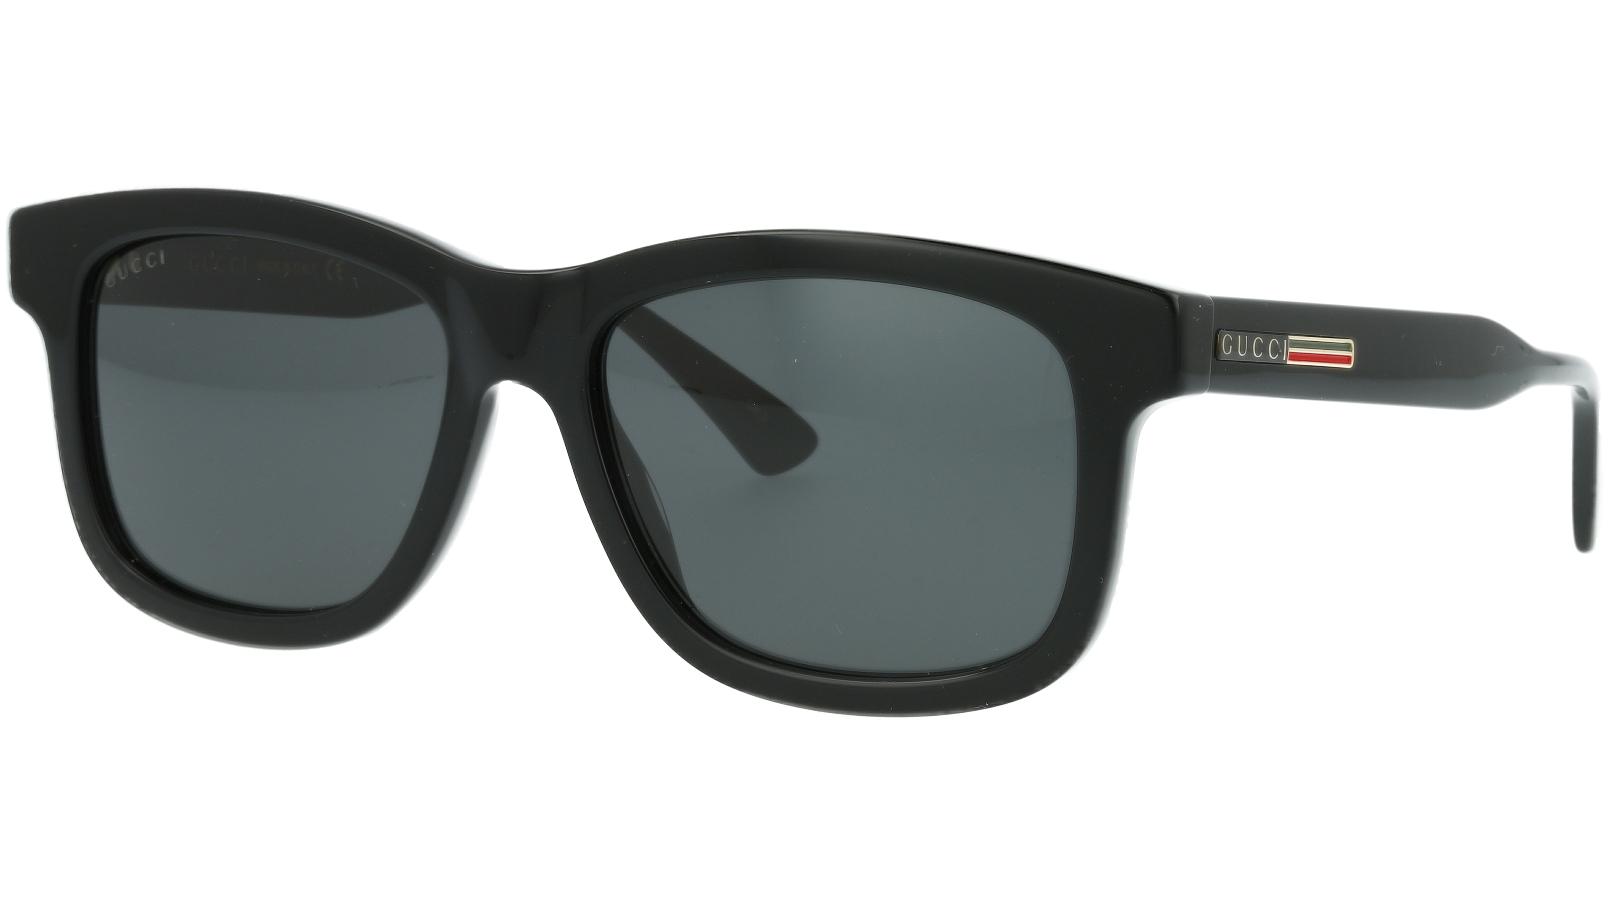 Gucci GG0824S 005 55 Black Square Sunglasses